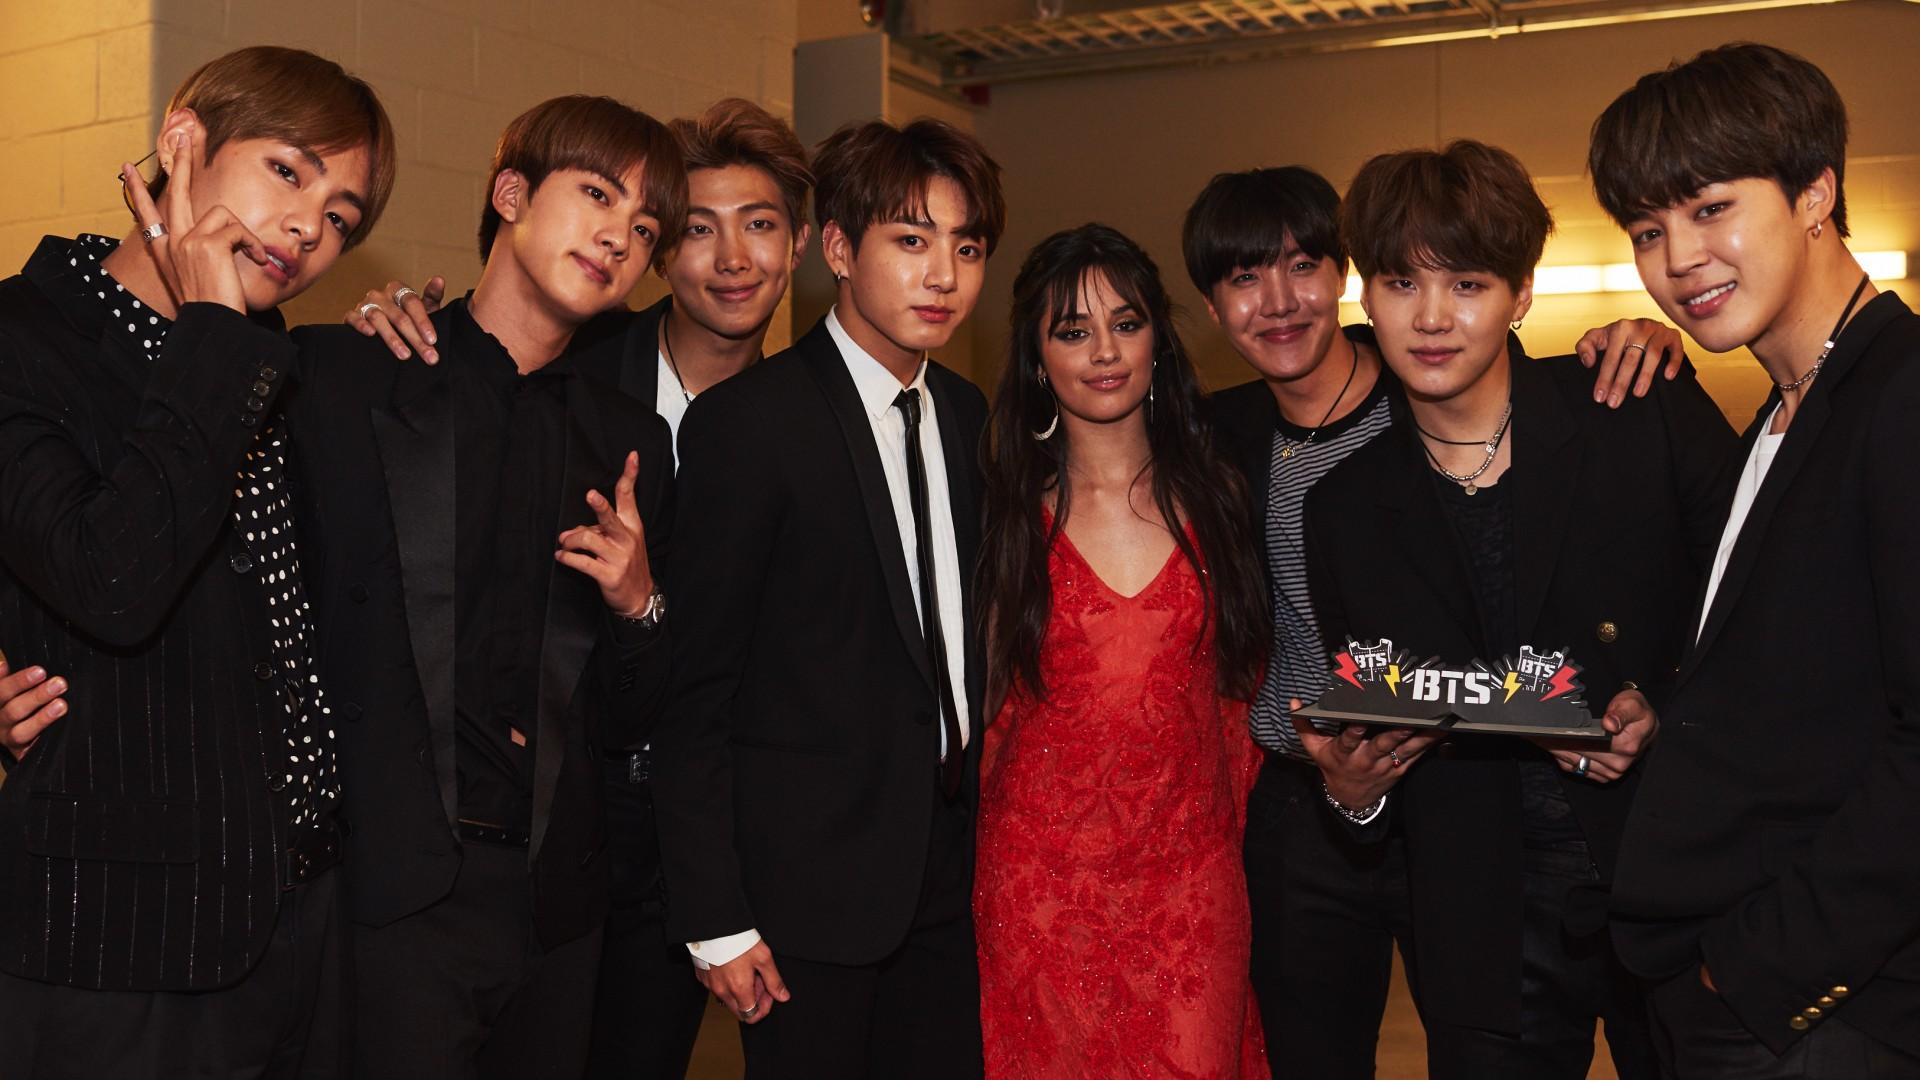 Ảnh nền BTS các thành viên mặc vest đen